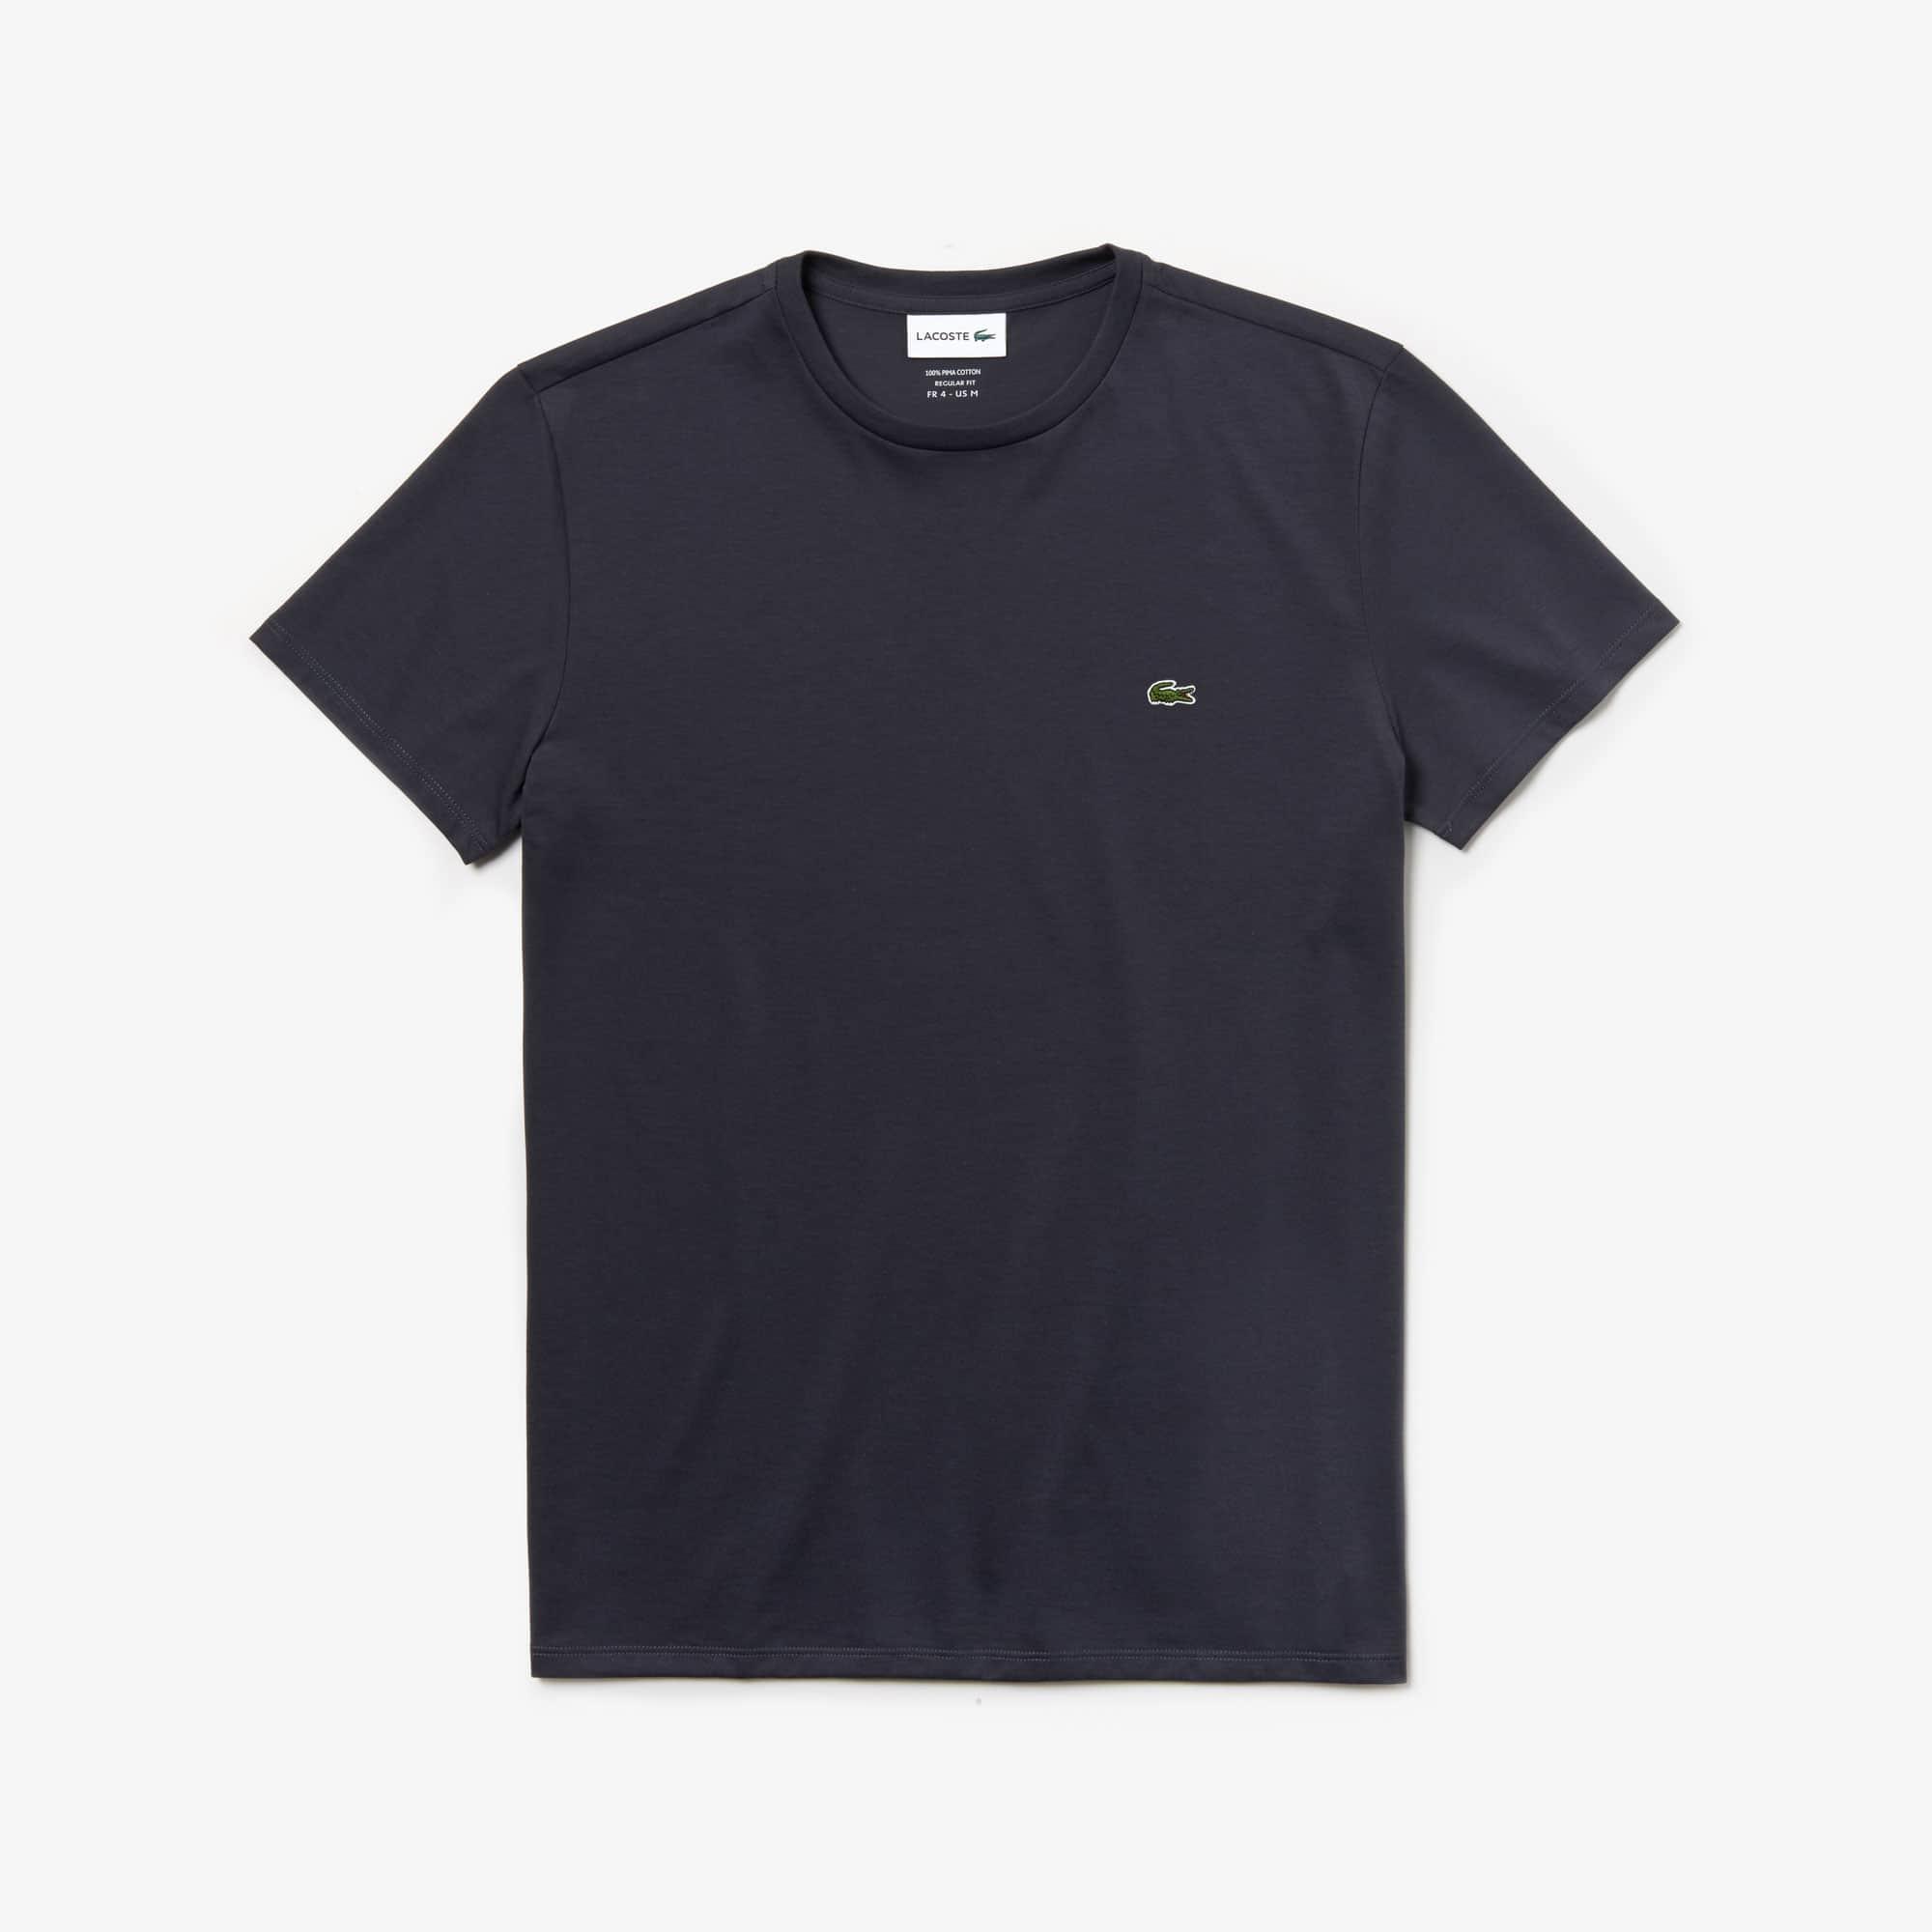 c7a837bd620d T-Shirts | Men's Fashion | LACOSTE